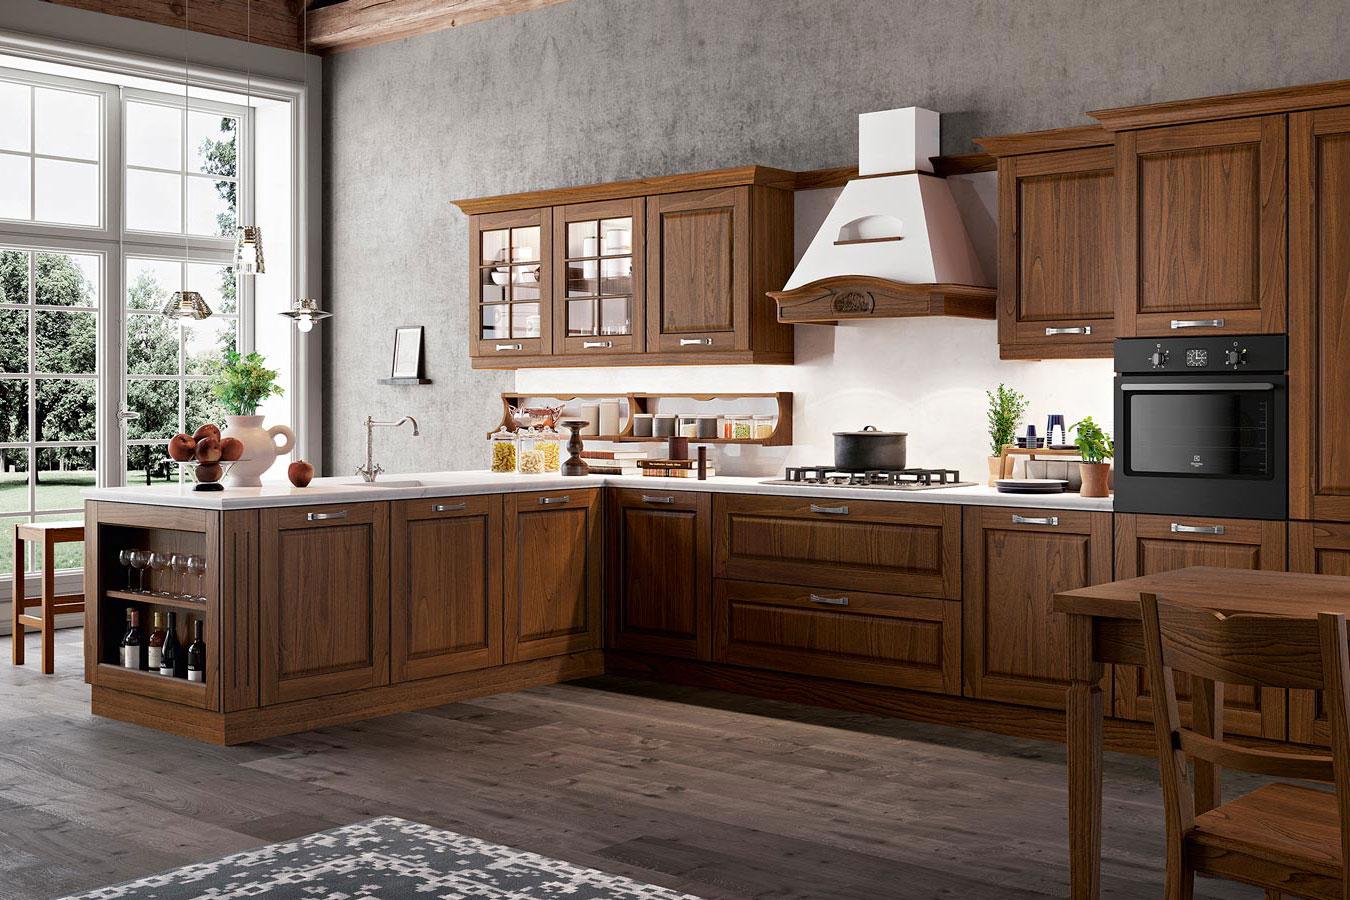 Cucina classica asolo di arredo3 righetti mobili novara for Mobili arredo cucina